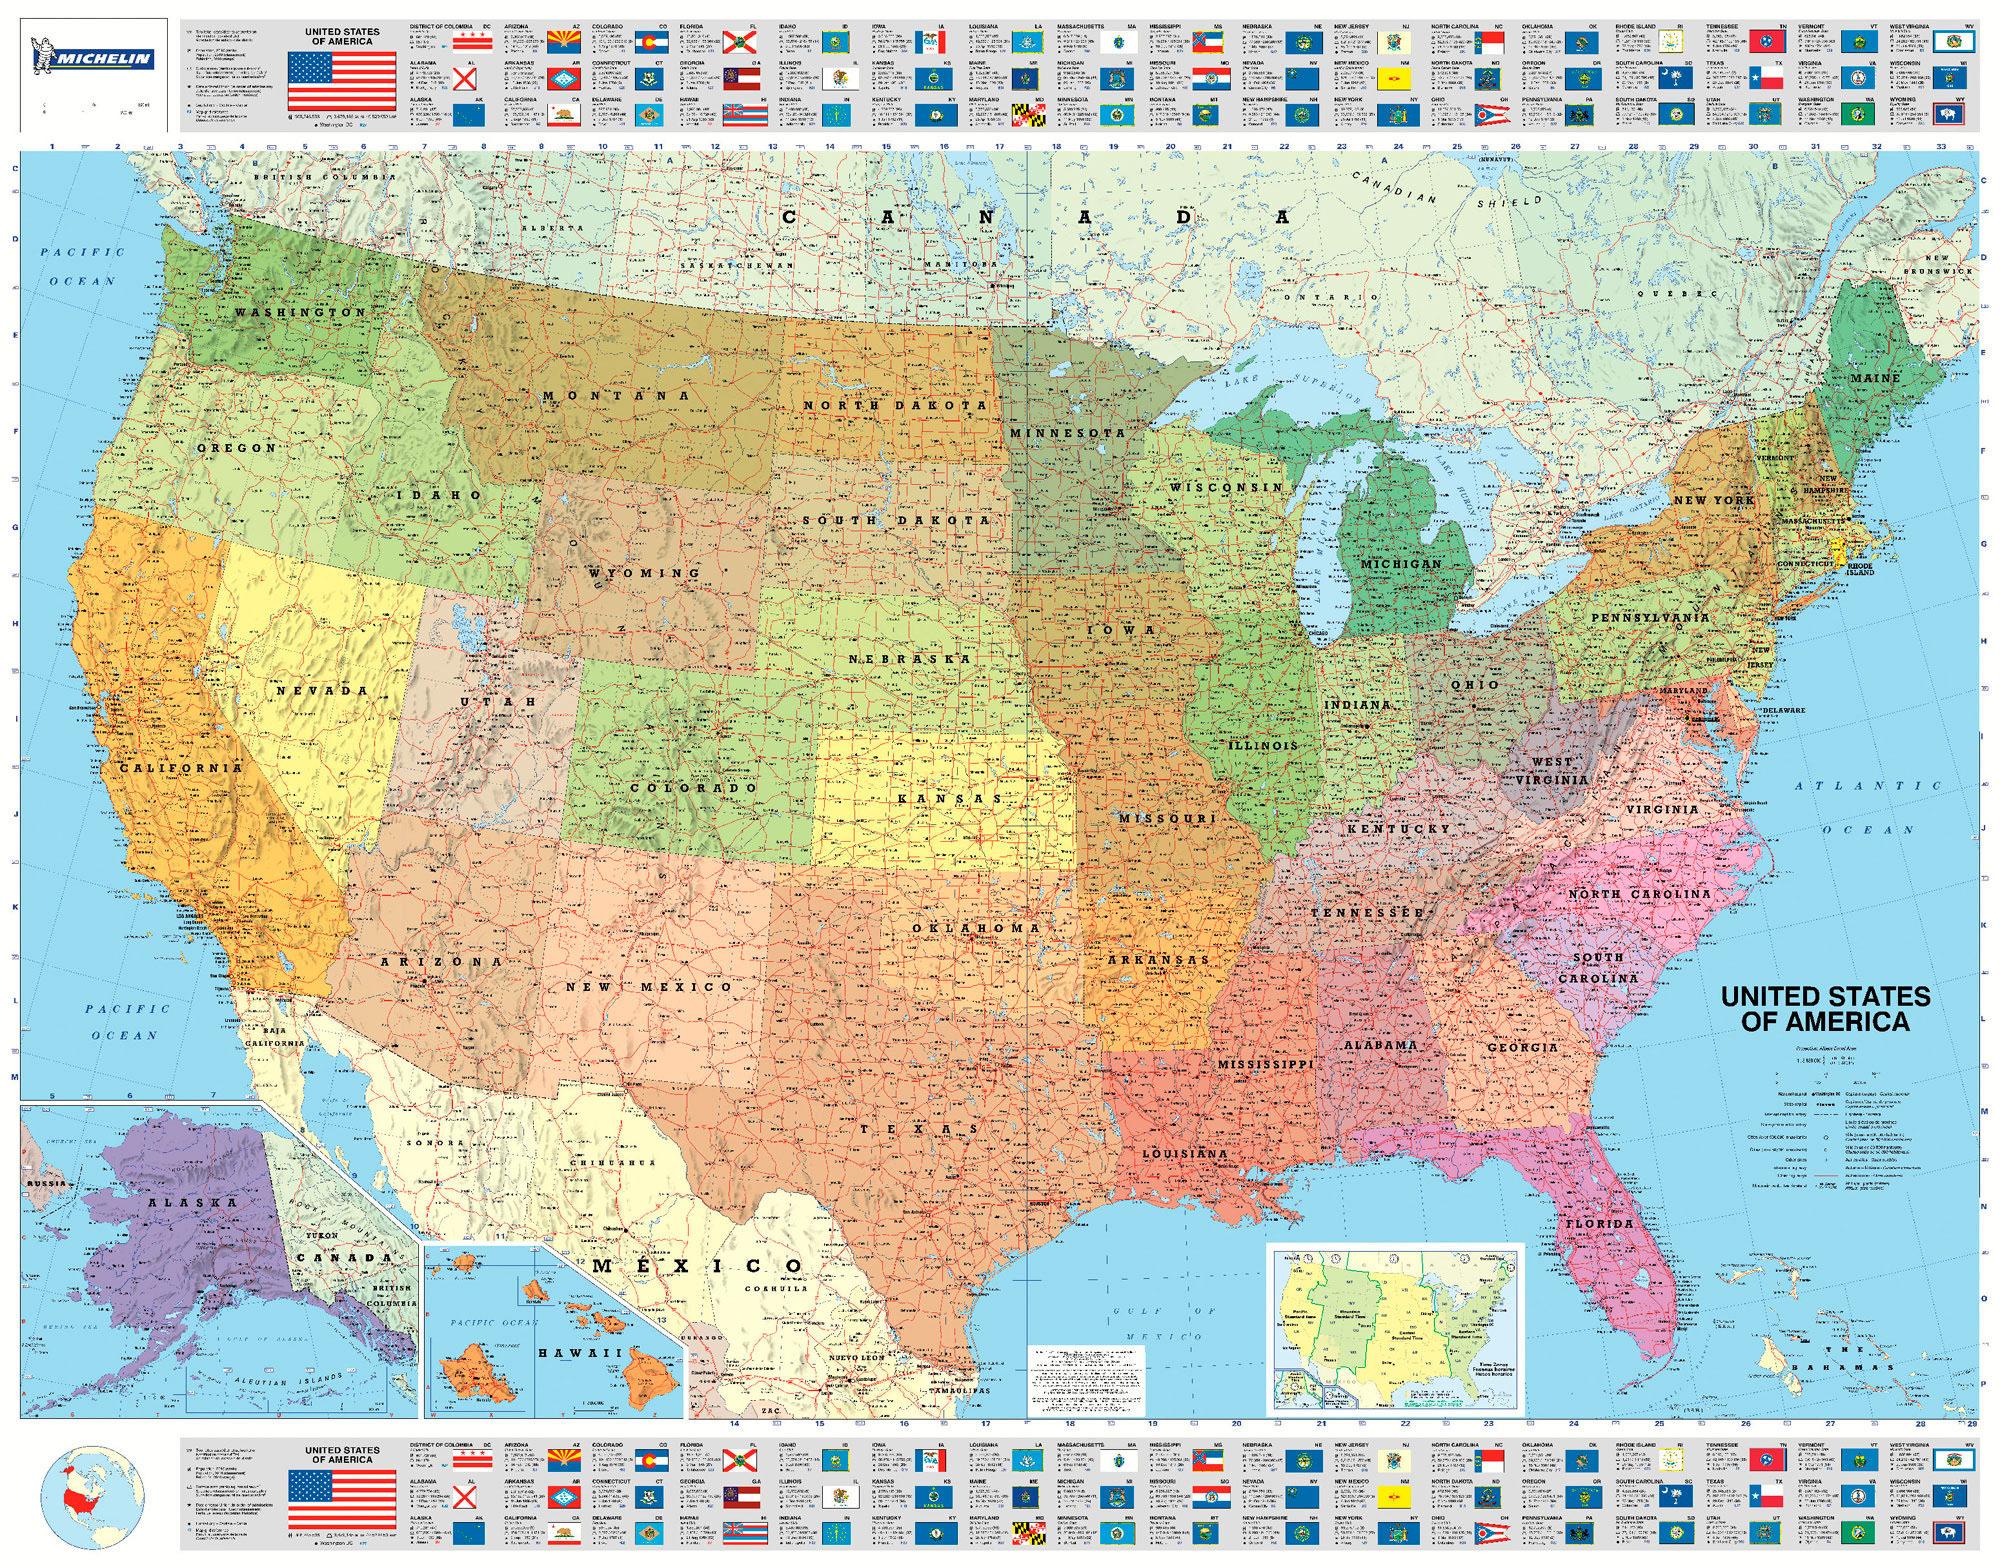 USA MAPA POLITICO MICHELIN VVAA Comprar Libro - Usa mapa